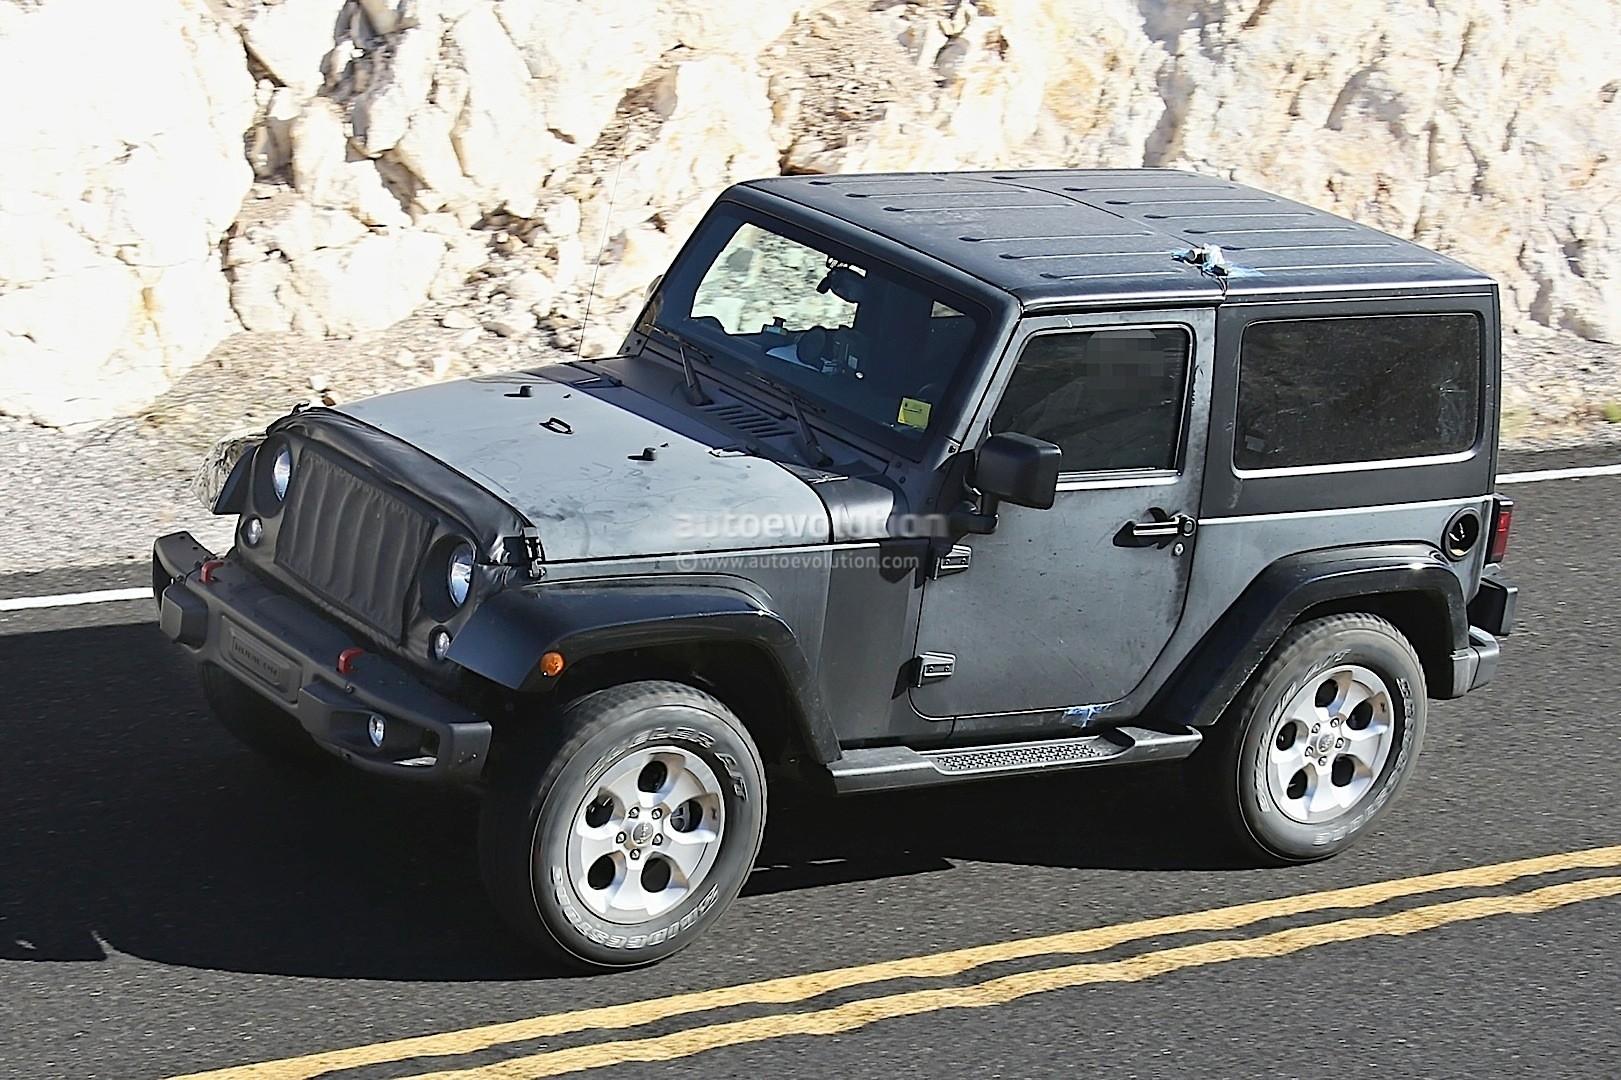 2018 wrangler jl mule first sighting 2018 jeep wrangler jl forums new jeep wrangler jl. Black Bedroom Furniture Sets. Home Design Ideas